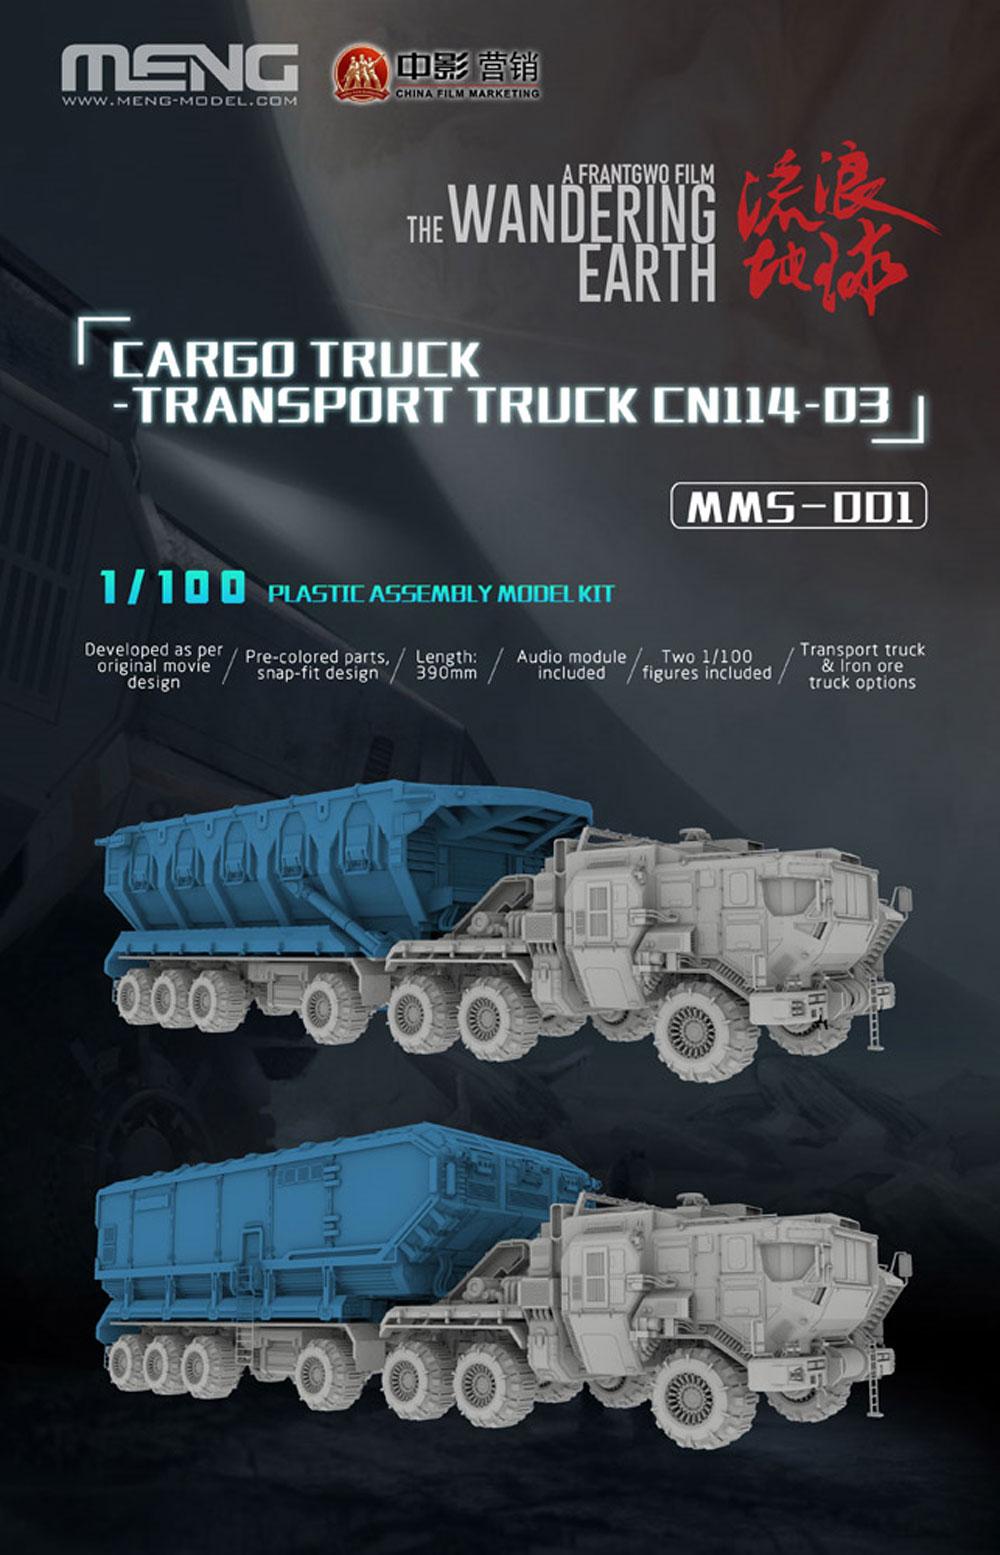 CN114-03 輸送カーゴトラック (流転の地球)プラモデル(MENG-MODELMovie Kits (ムービーキット)No.mms-001)商品画像_1